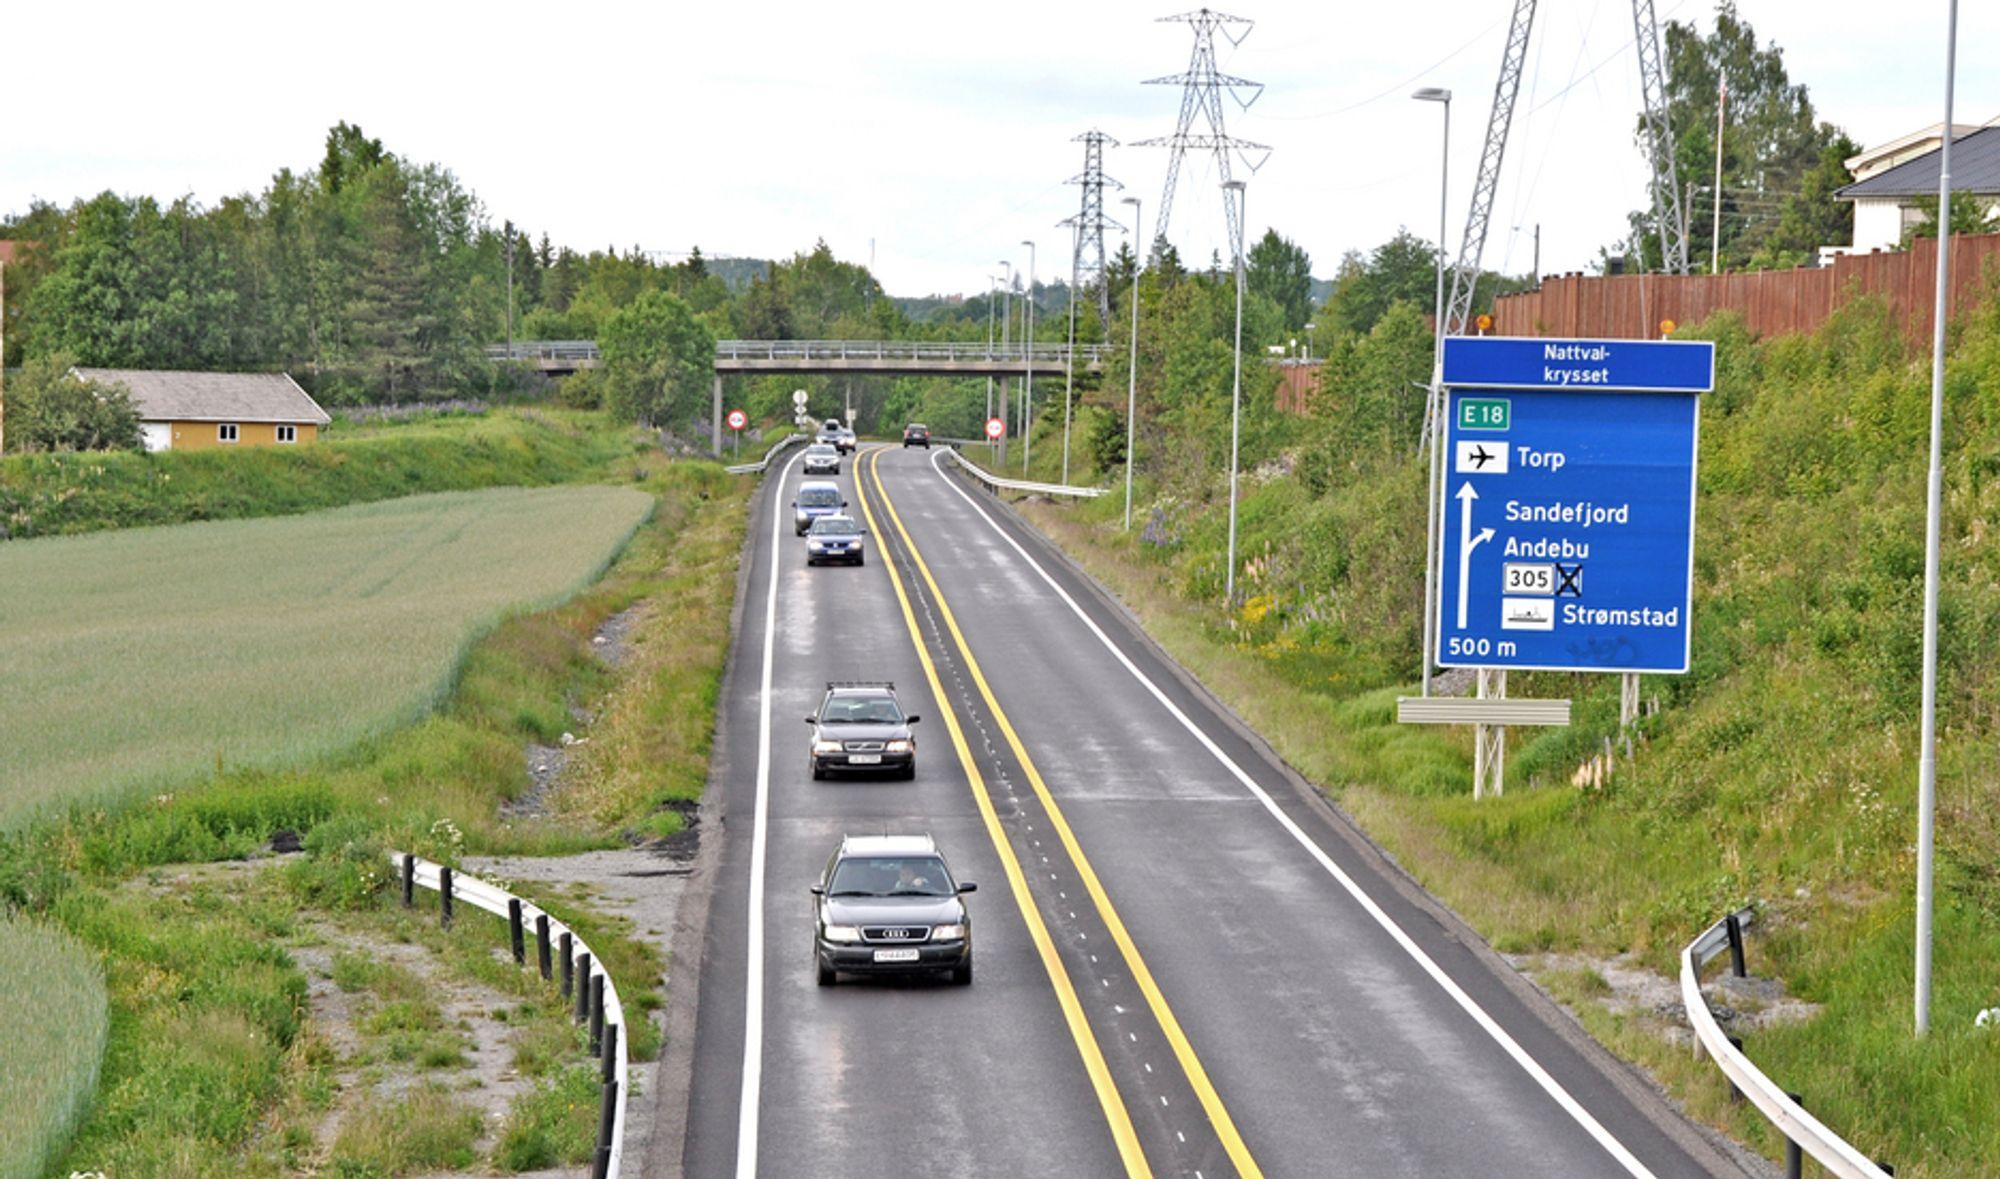 Dagens E 18 skal bli nordgående kjørebane. Sørgående kjørebane kommer til venstre på bildet. Overgangsbrua i bakgrunnen inngår i Nattvalkrysset, som skal bygges helt om.